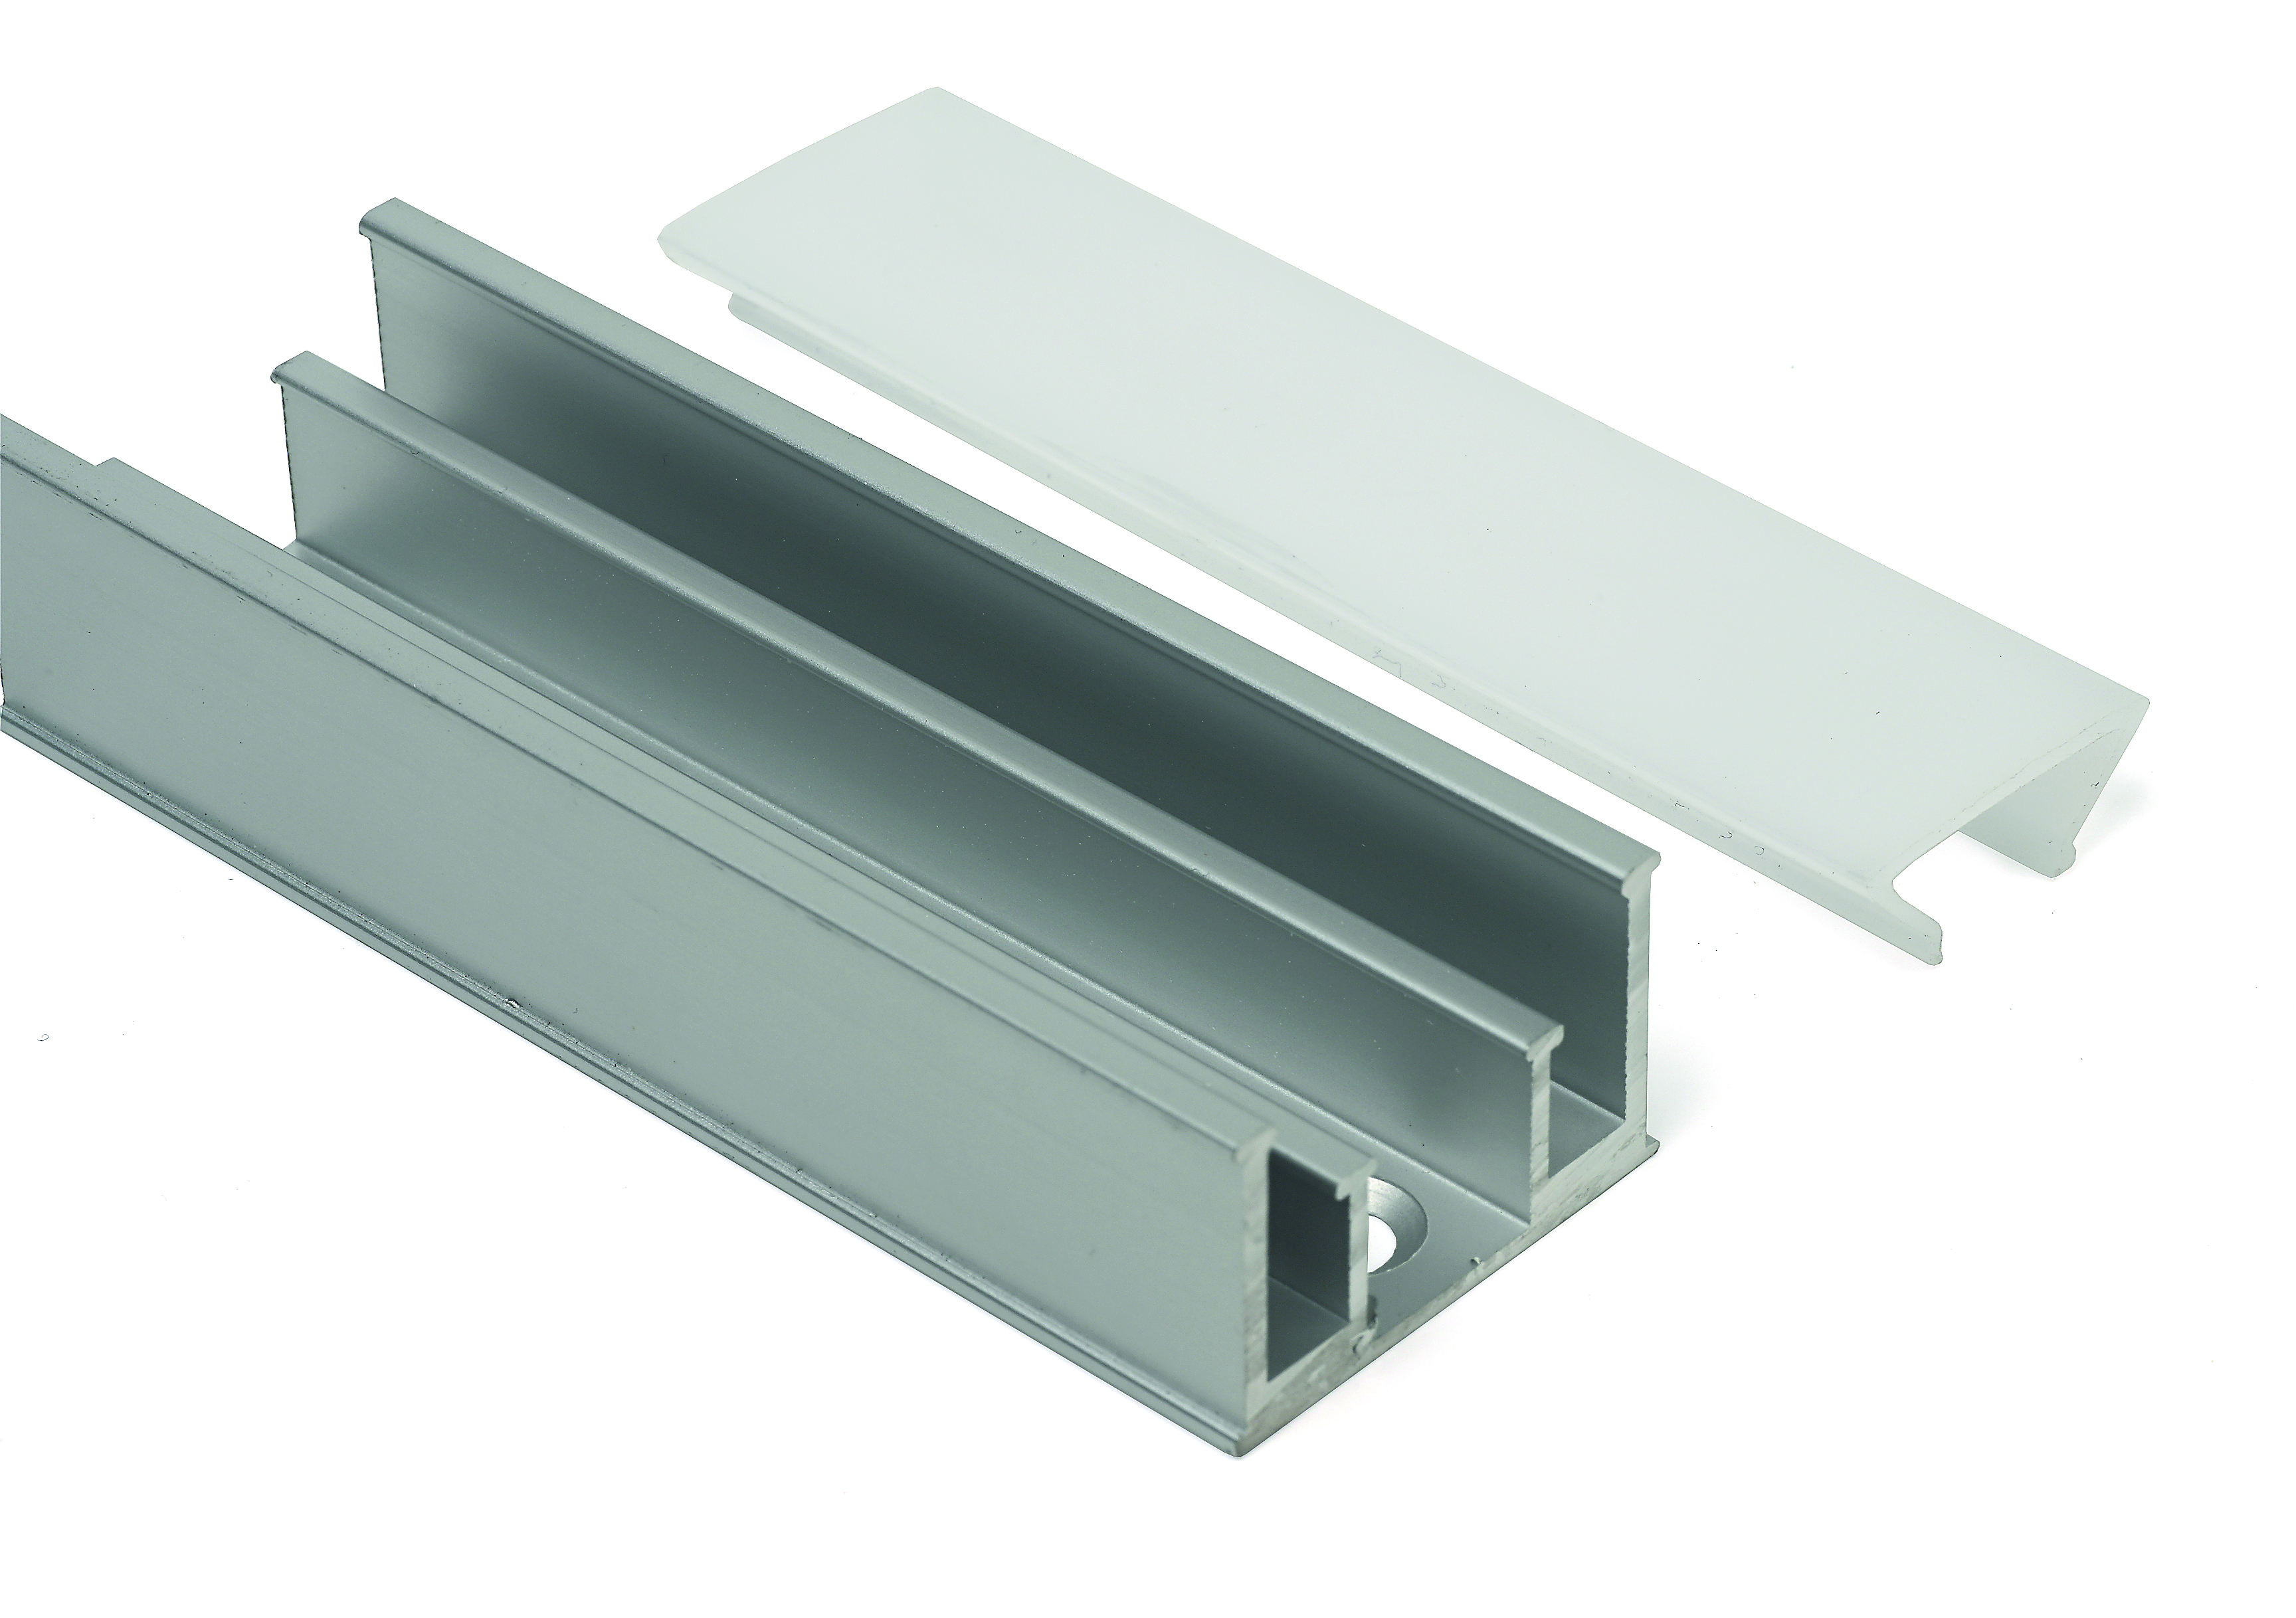 Abdeckung für LED Trennprofil L2